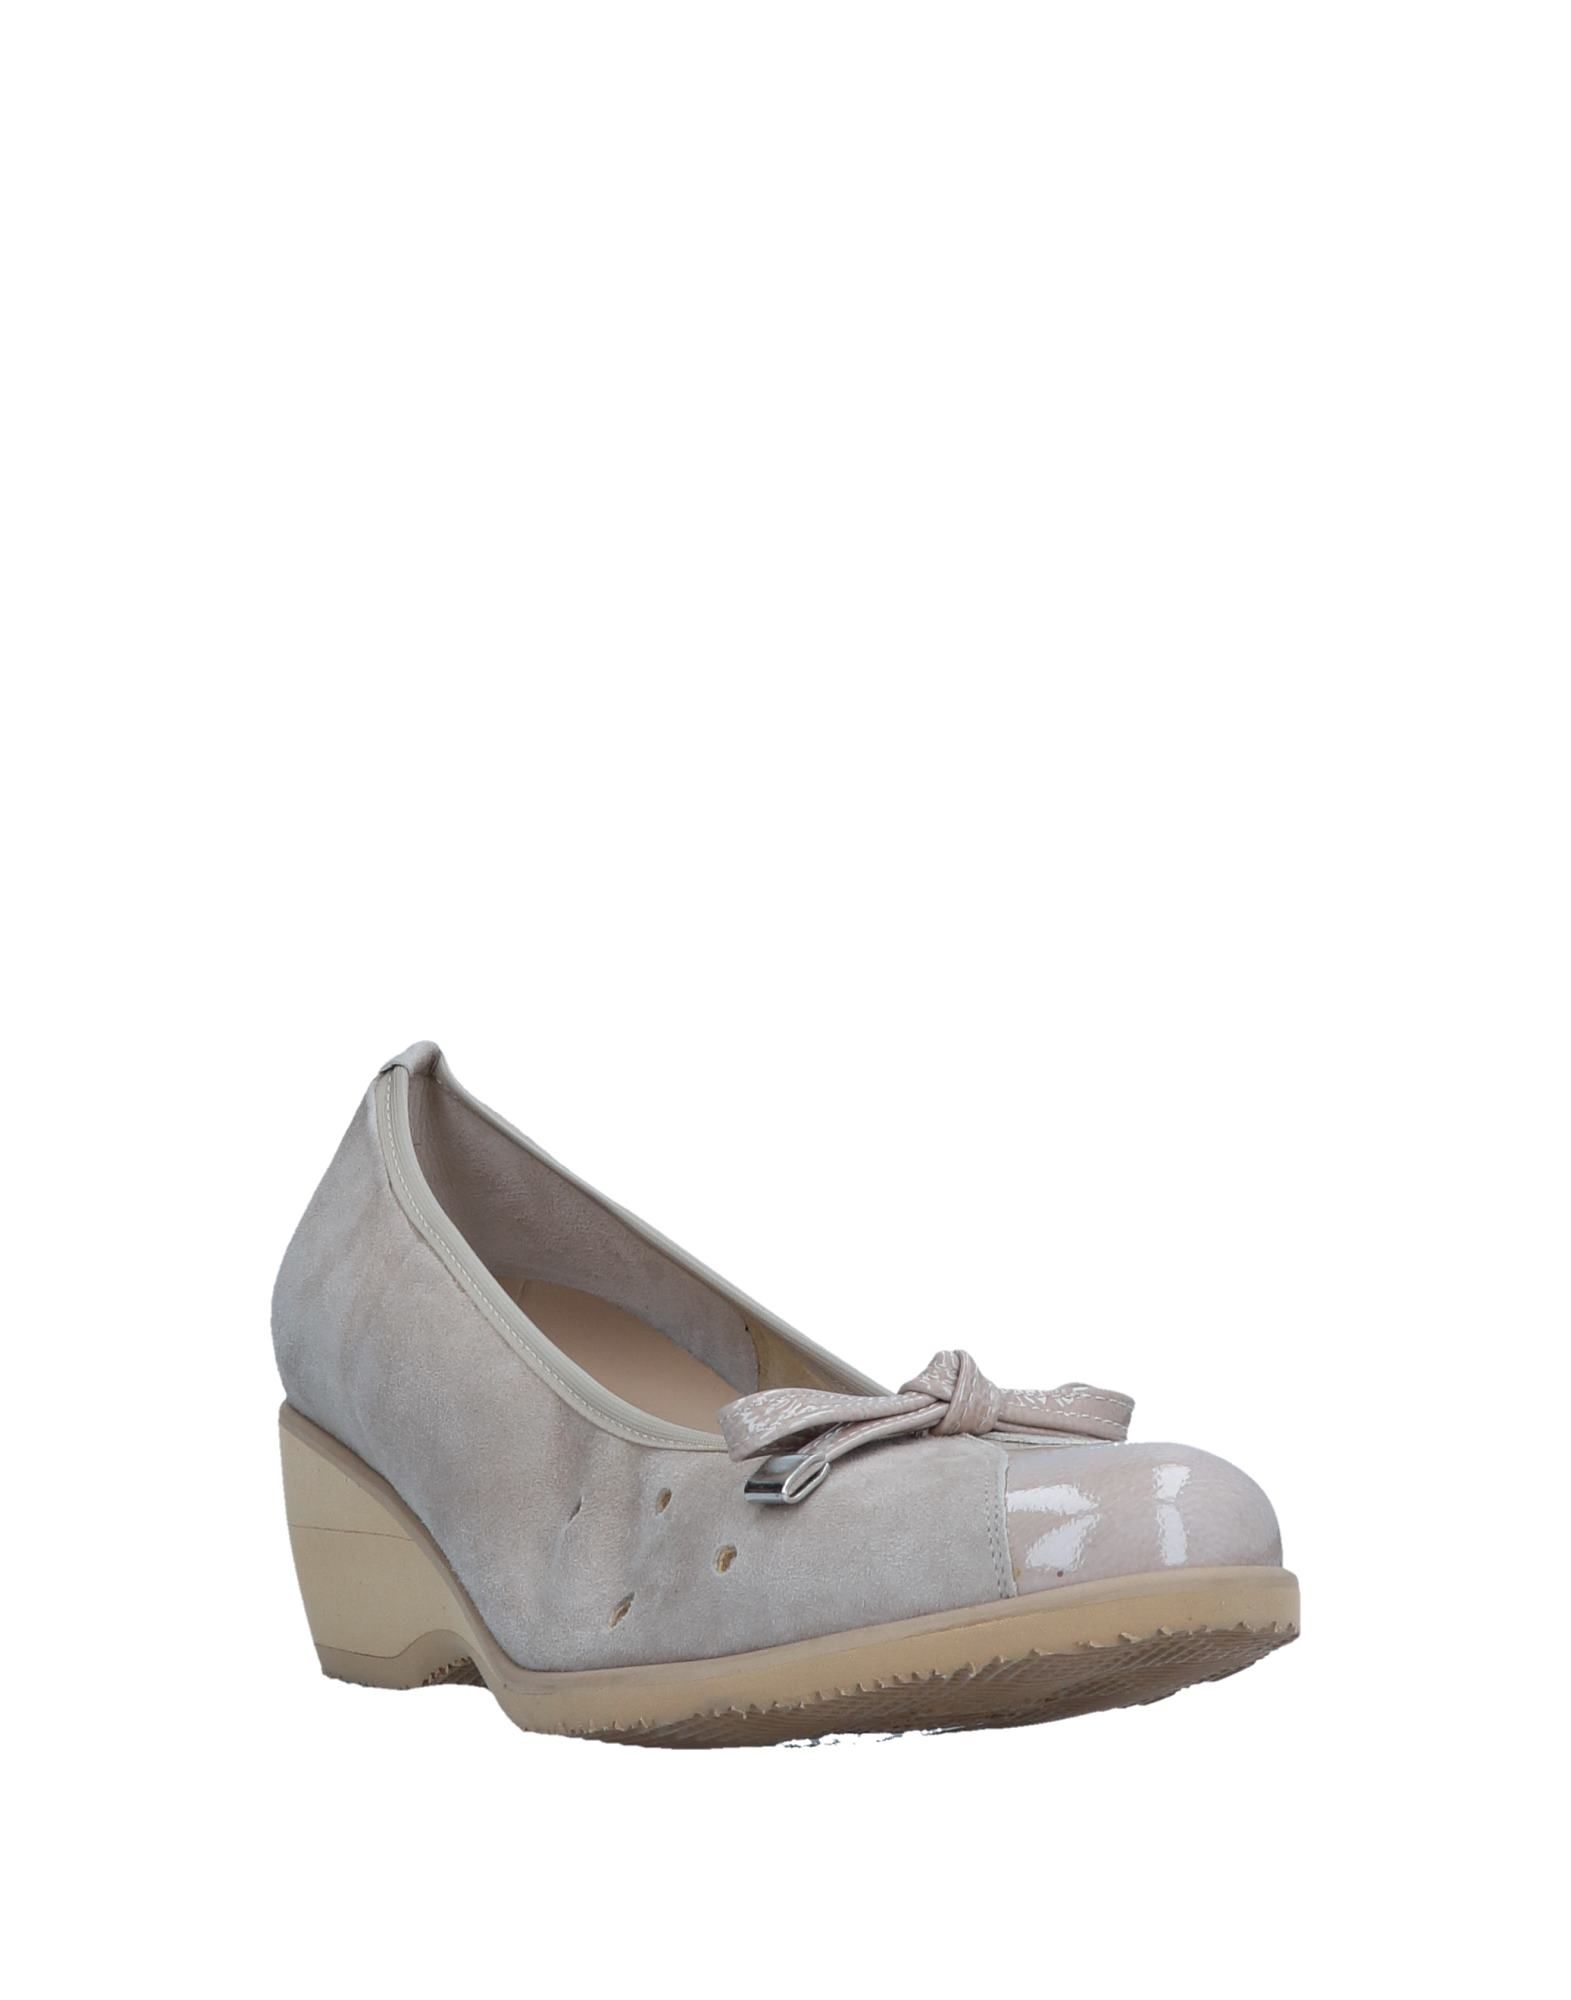 Anastasio Gute Pumps Damen  11549485JS Gute Anastasio Qualität beliebte Schuhe 15961d